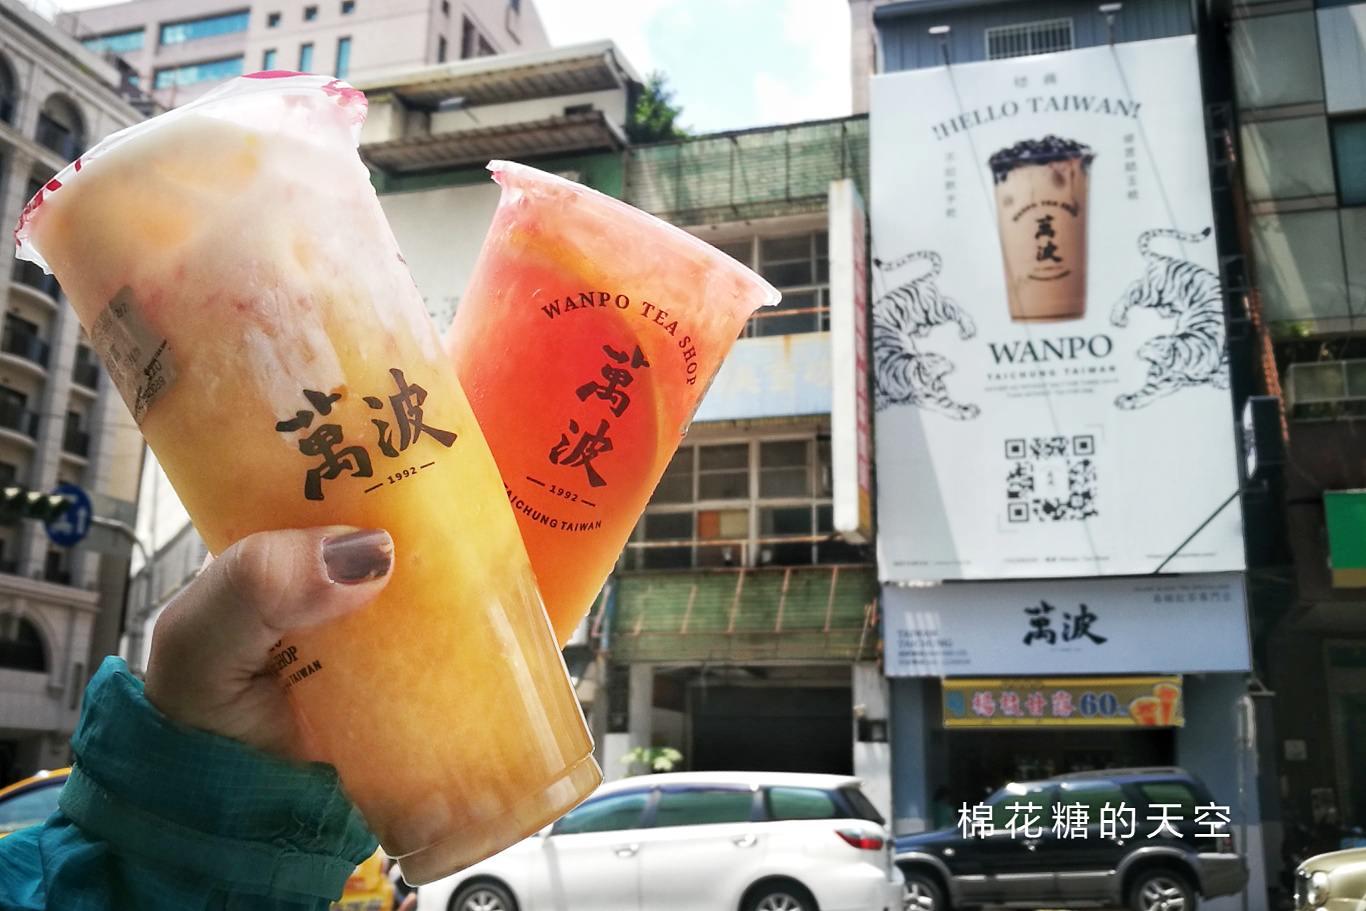 萬波島嶼紅茶臺中二店低調開幕啦!楊枝甘露延長販售八月也喝得到啦 - 棉花糖的天空